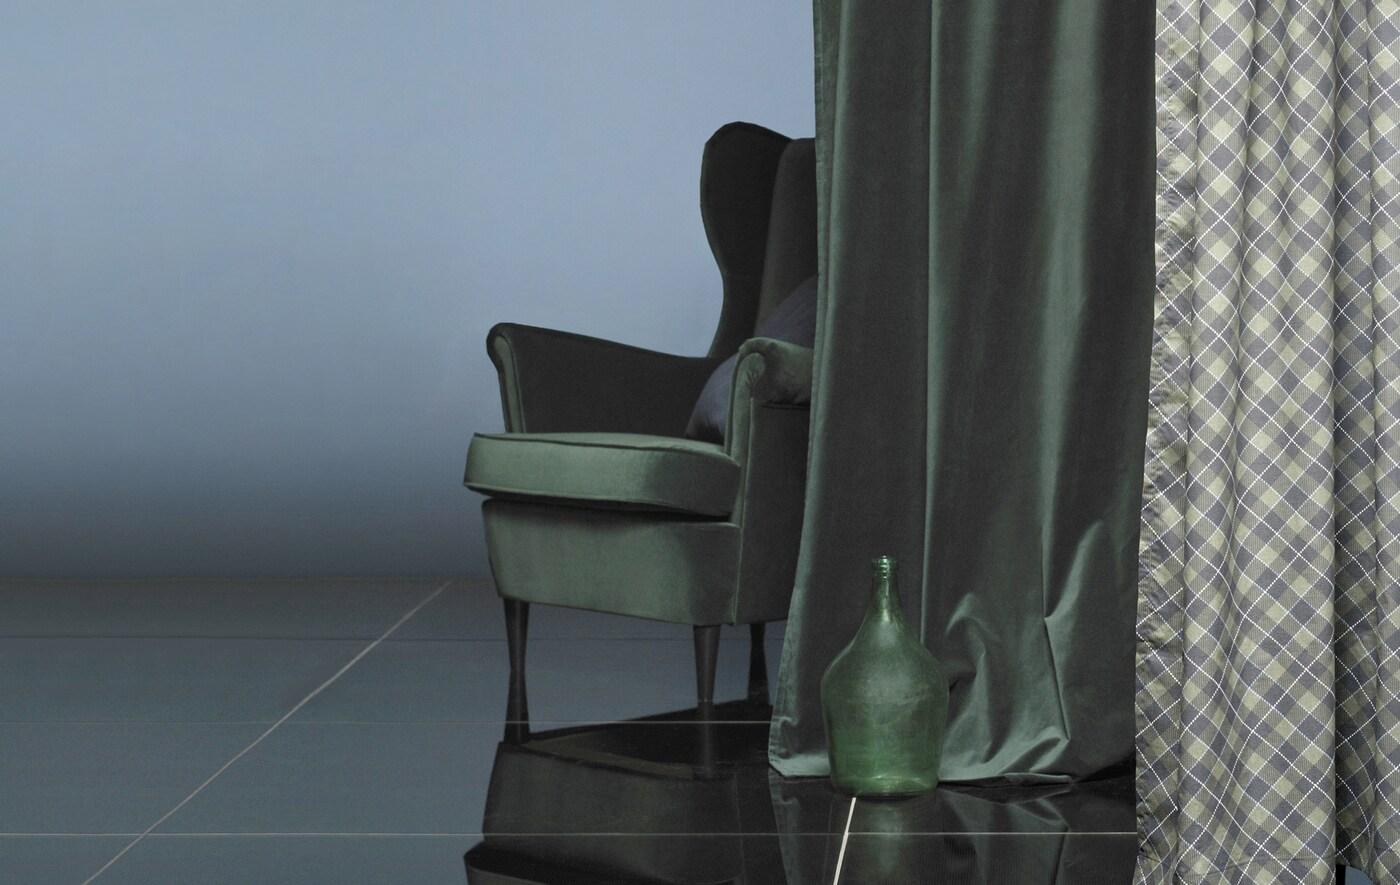 كرسي بذراعين خلف ستارة بلون أخضر داكن متناسق.